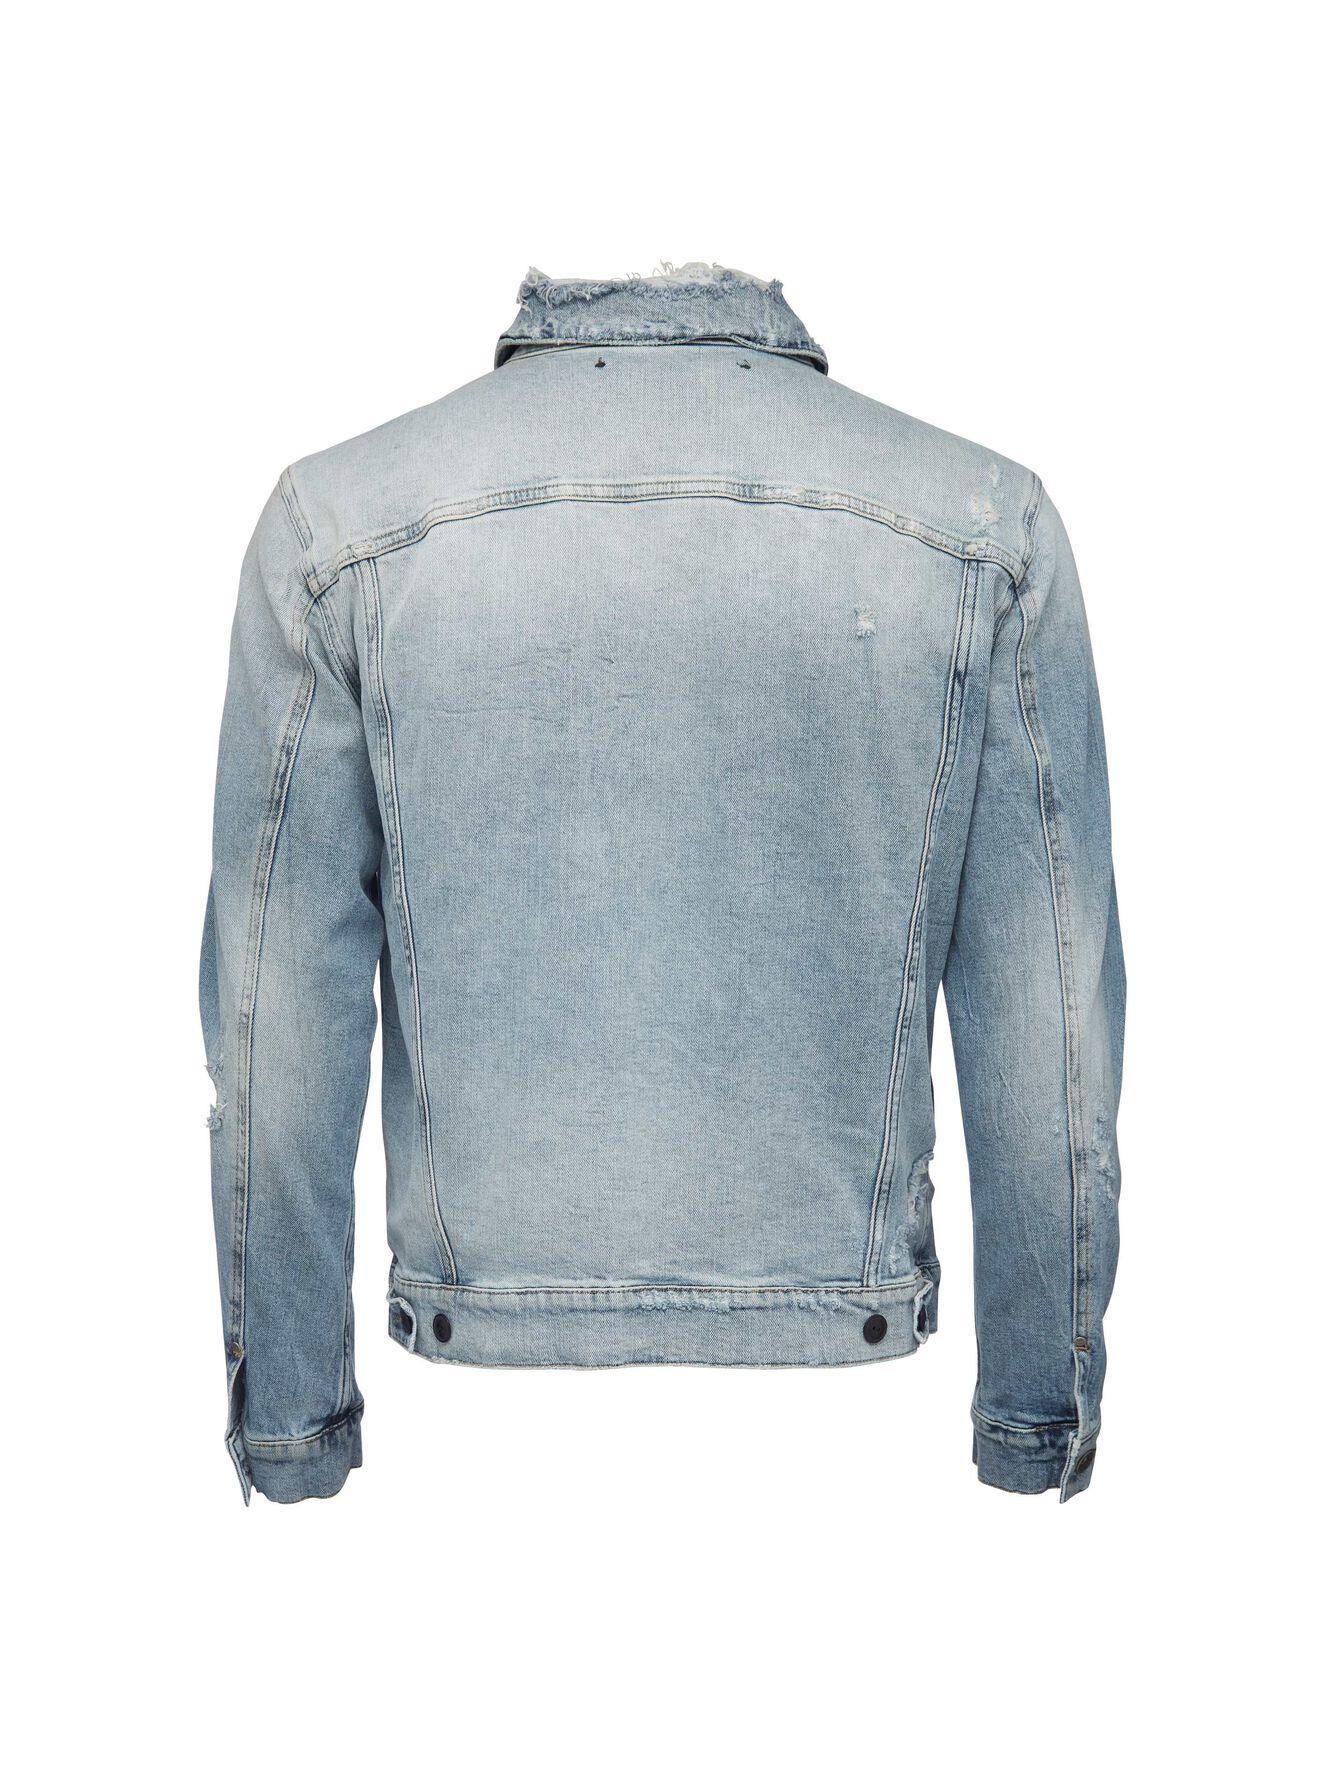 058939b1 ... Primal denim jacket in Pale Jeans Blue from Tiger of Sweden ...